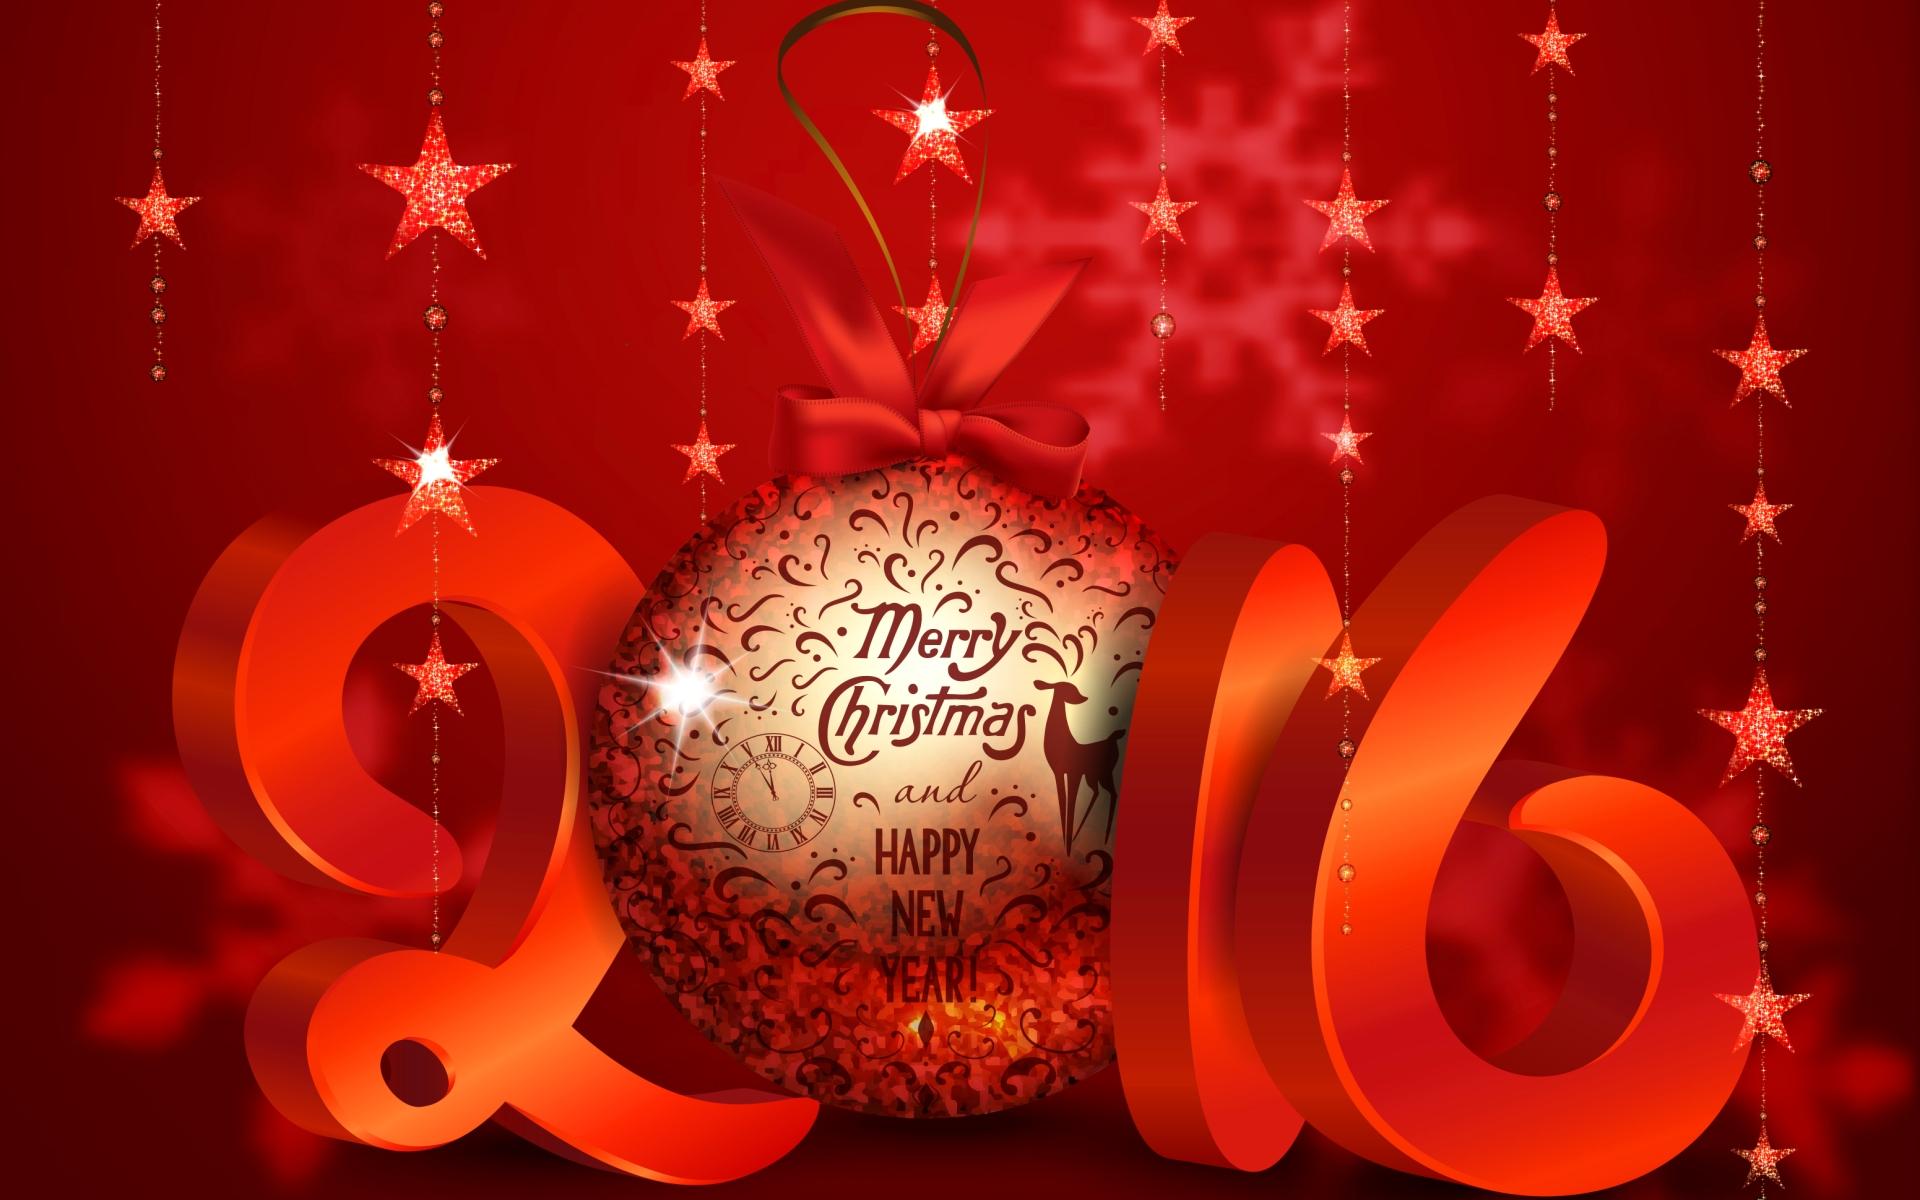 Веселого Рождества и счастливого Нового года! - C Рождеством Христовым поздравительные картинки